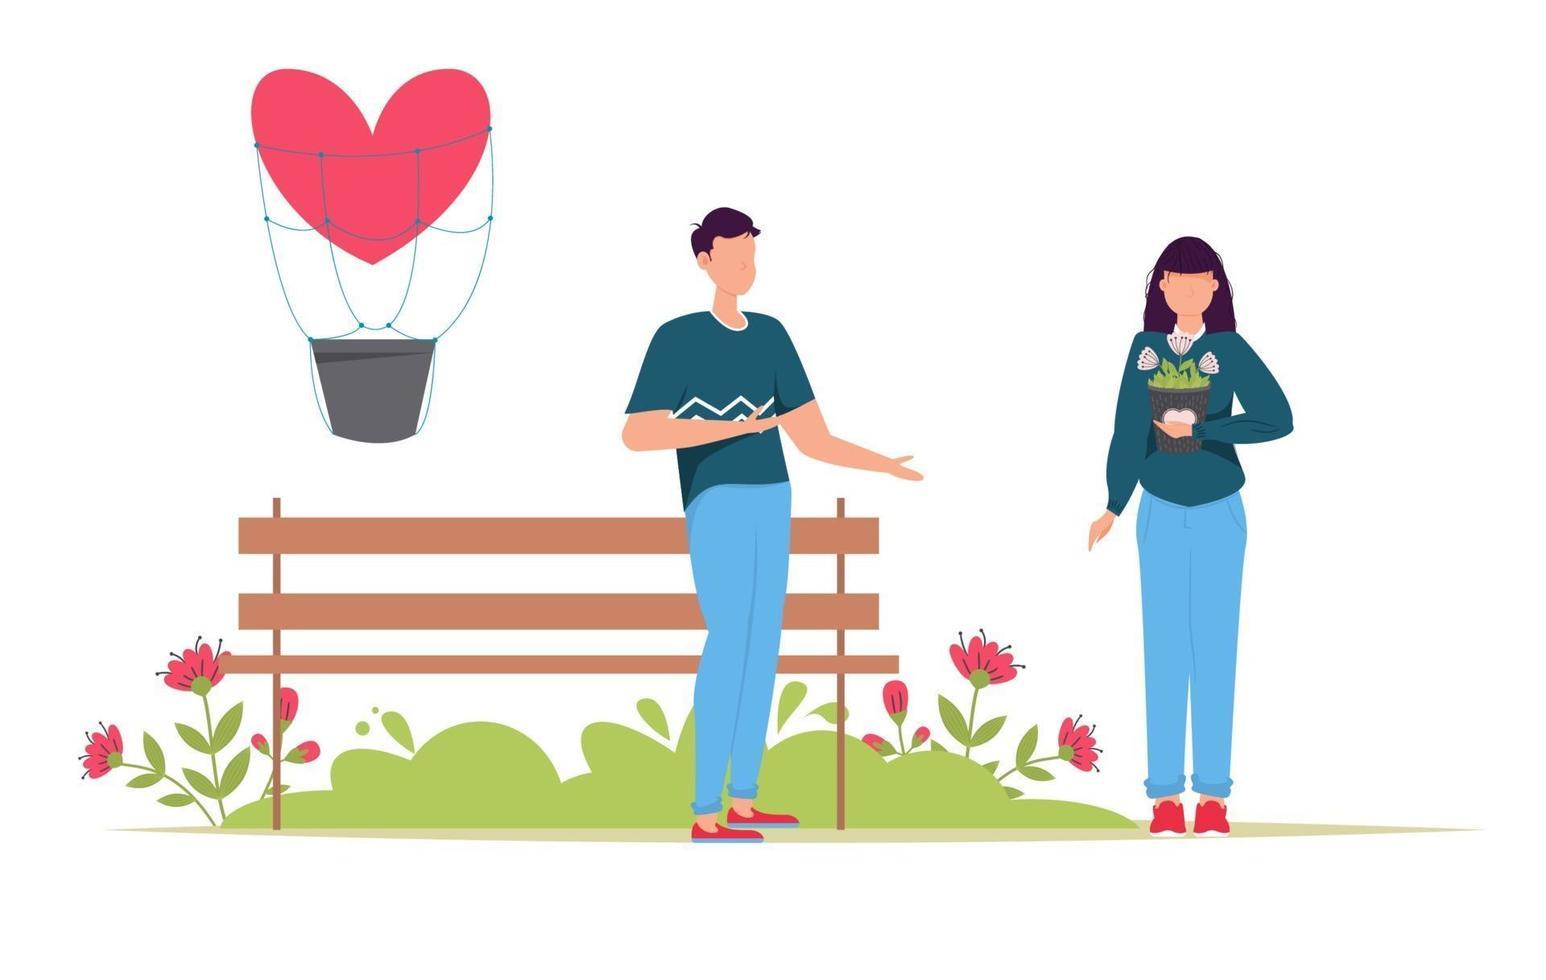 tarjeta de regalo de citas románticas del día de san valentín. los amantes de la relación de dos personas. pareja amorosa con regalo. vector